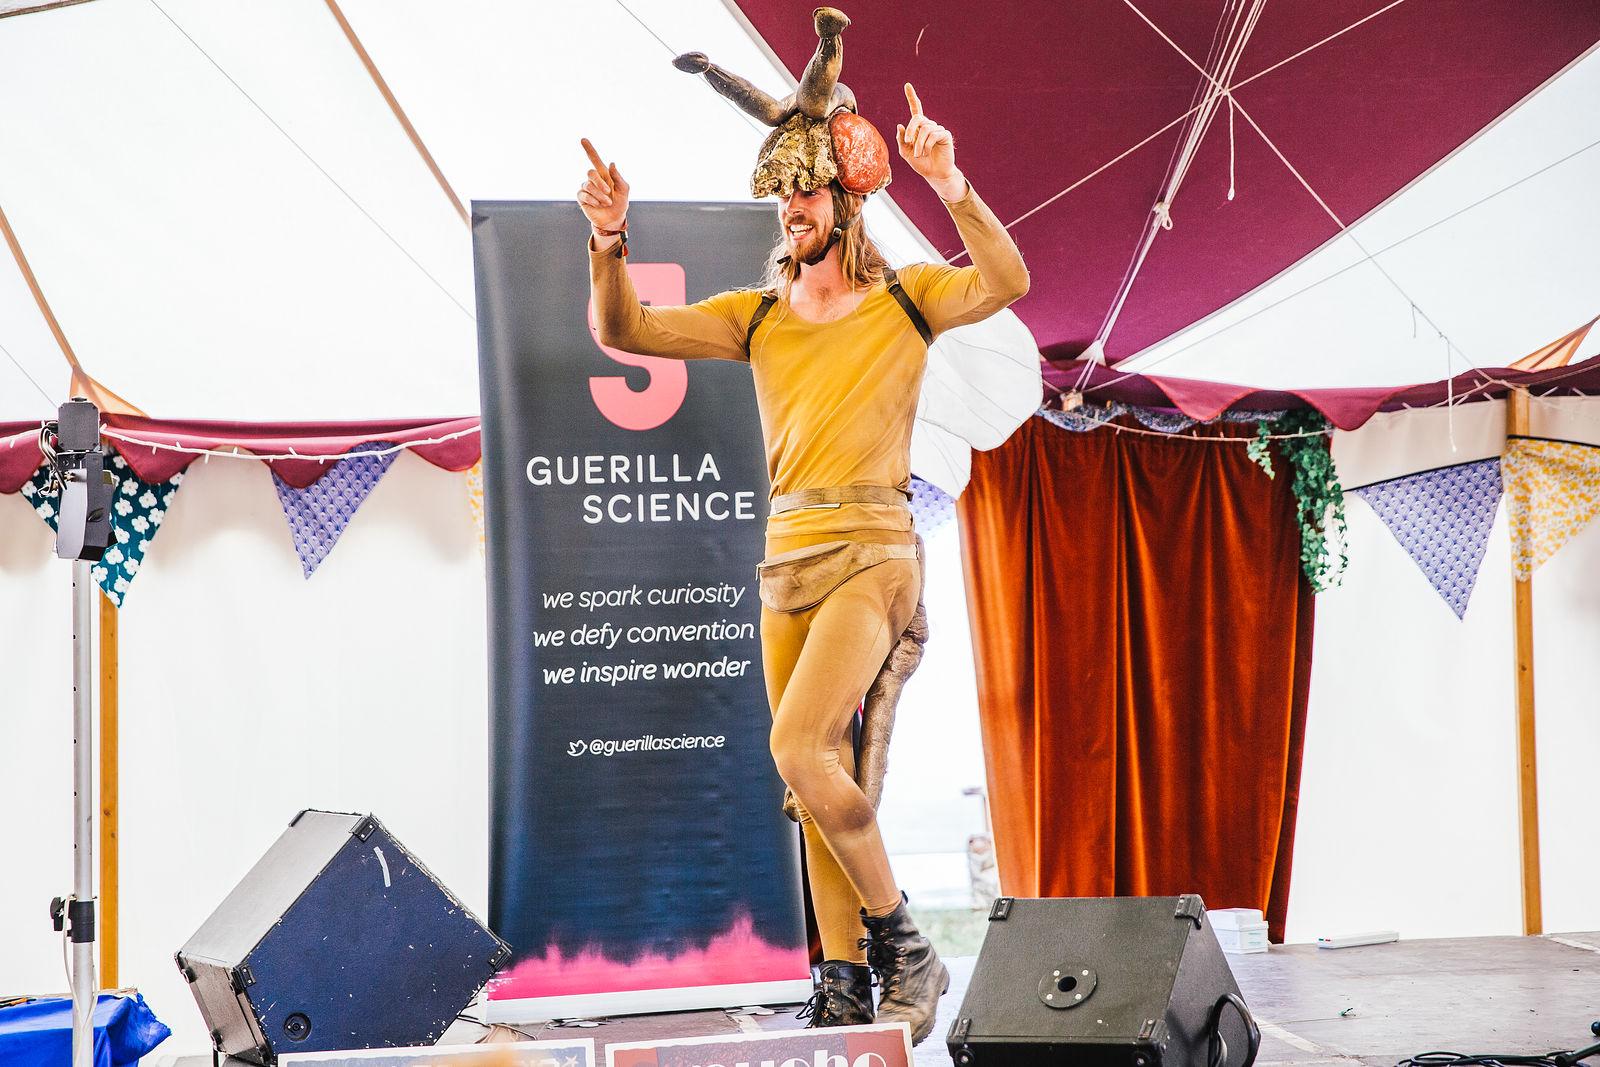 Guerrilla Science